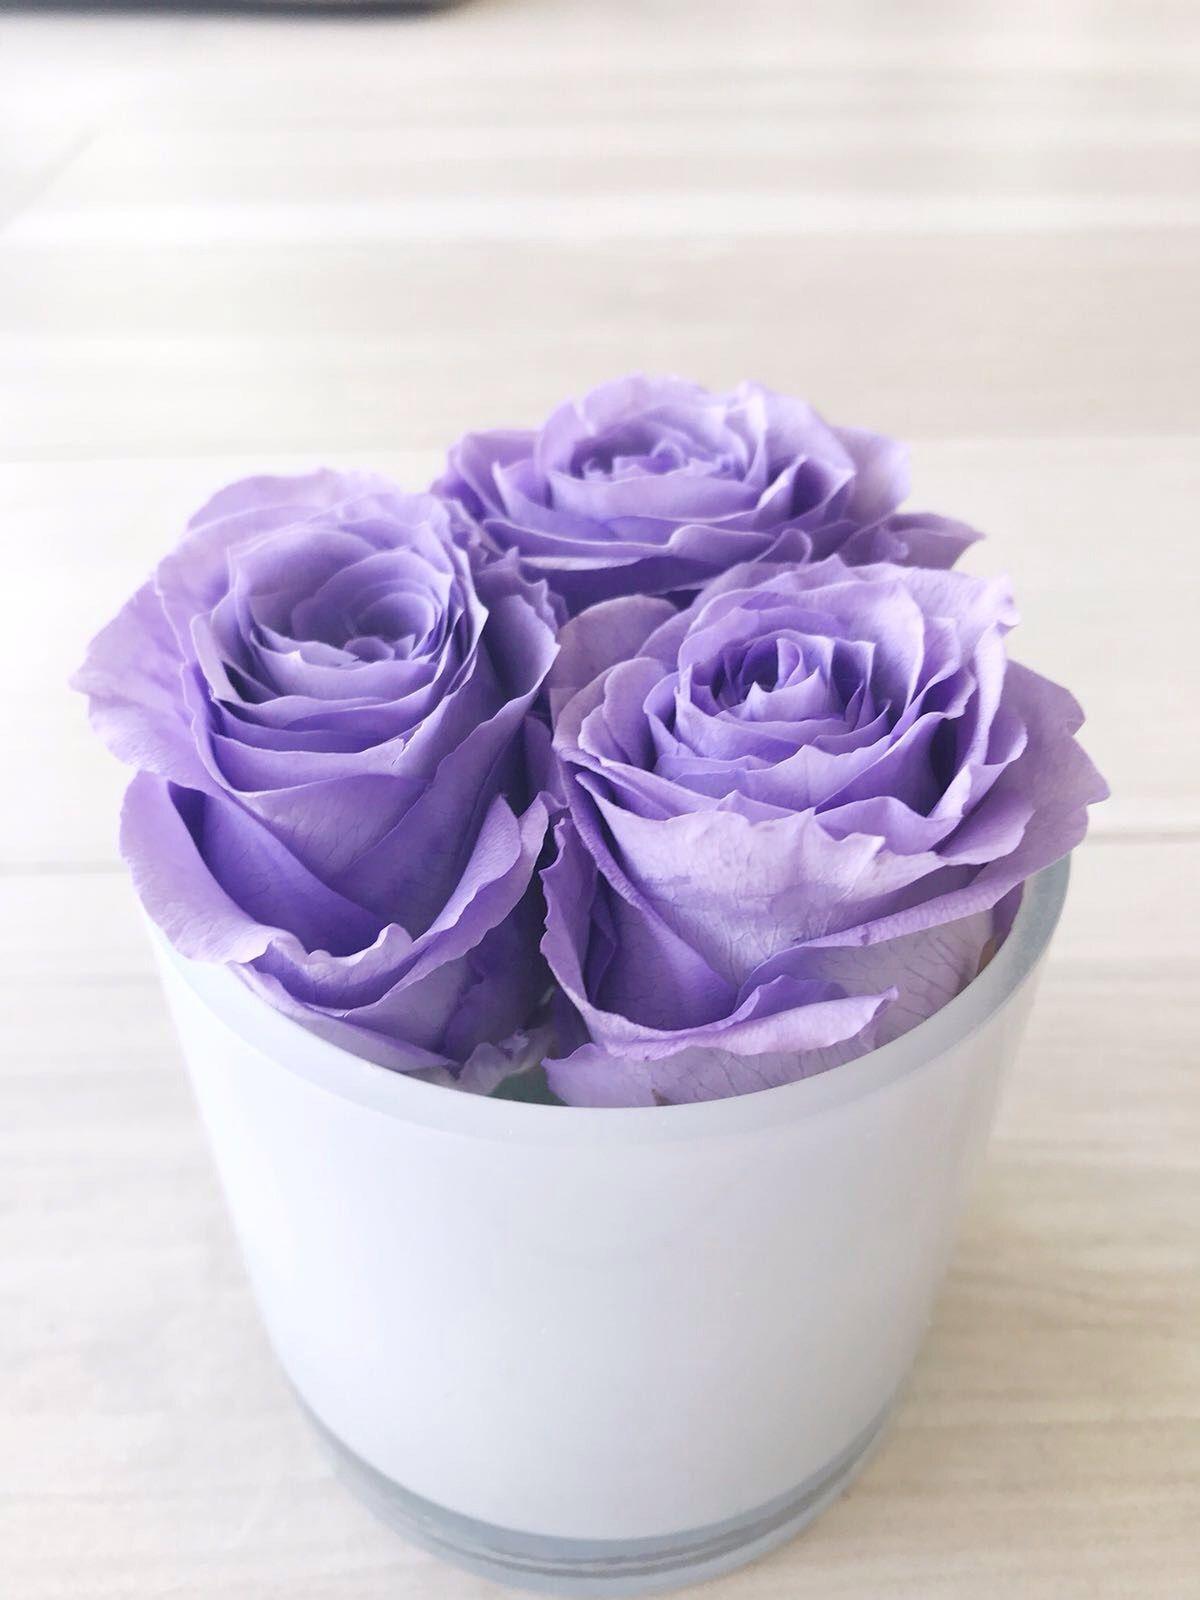 Eternal Rose Arrangement Roses That Last One Year Wholesale Decor Rose Arrangements Rose Centerpieces